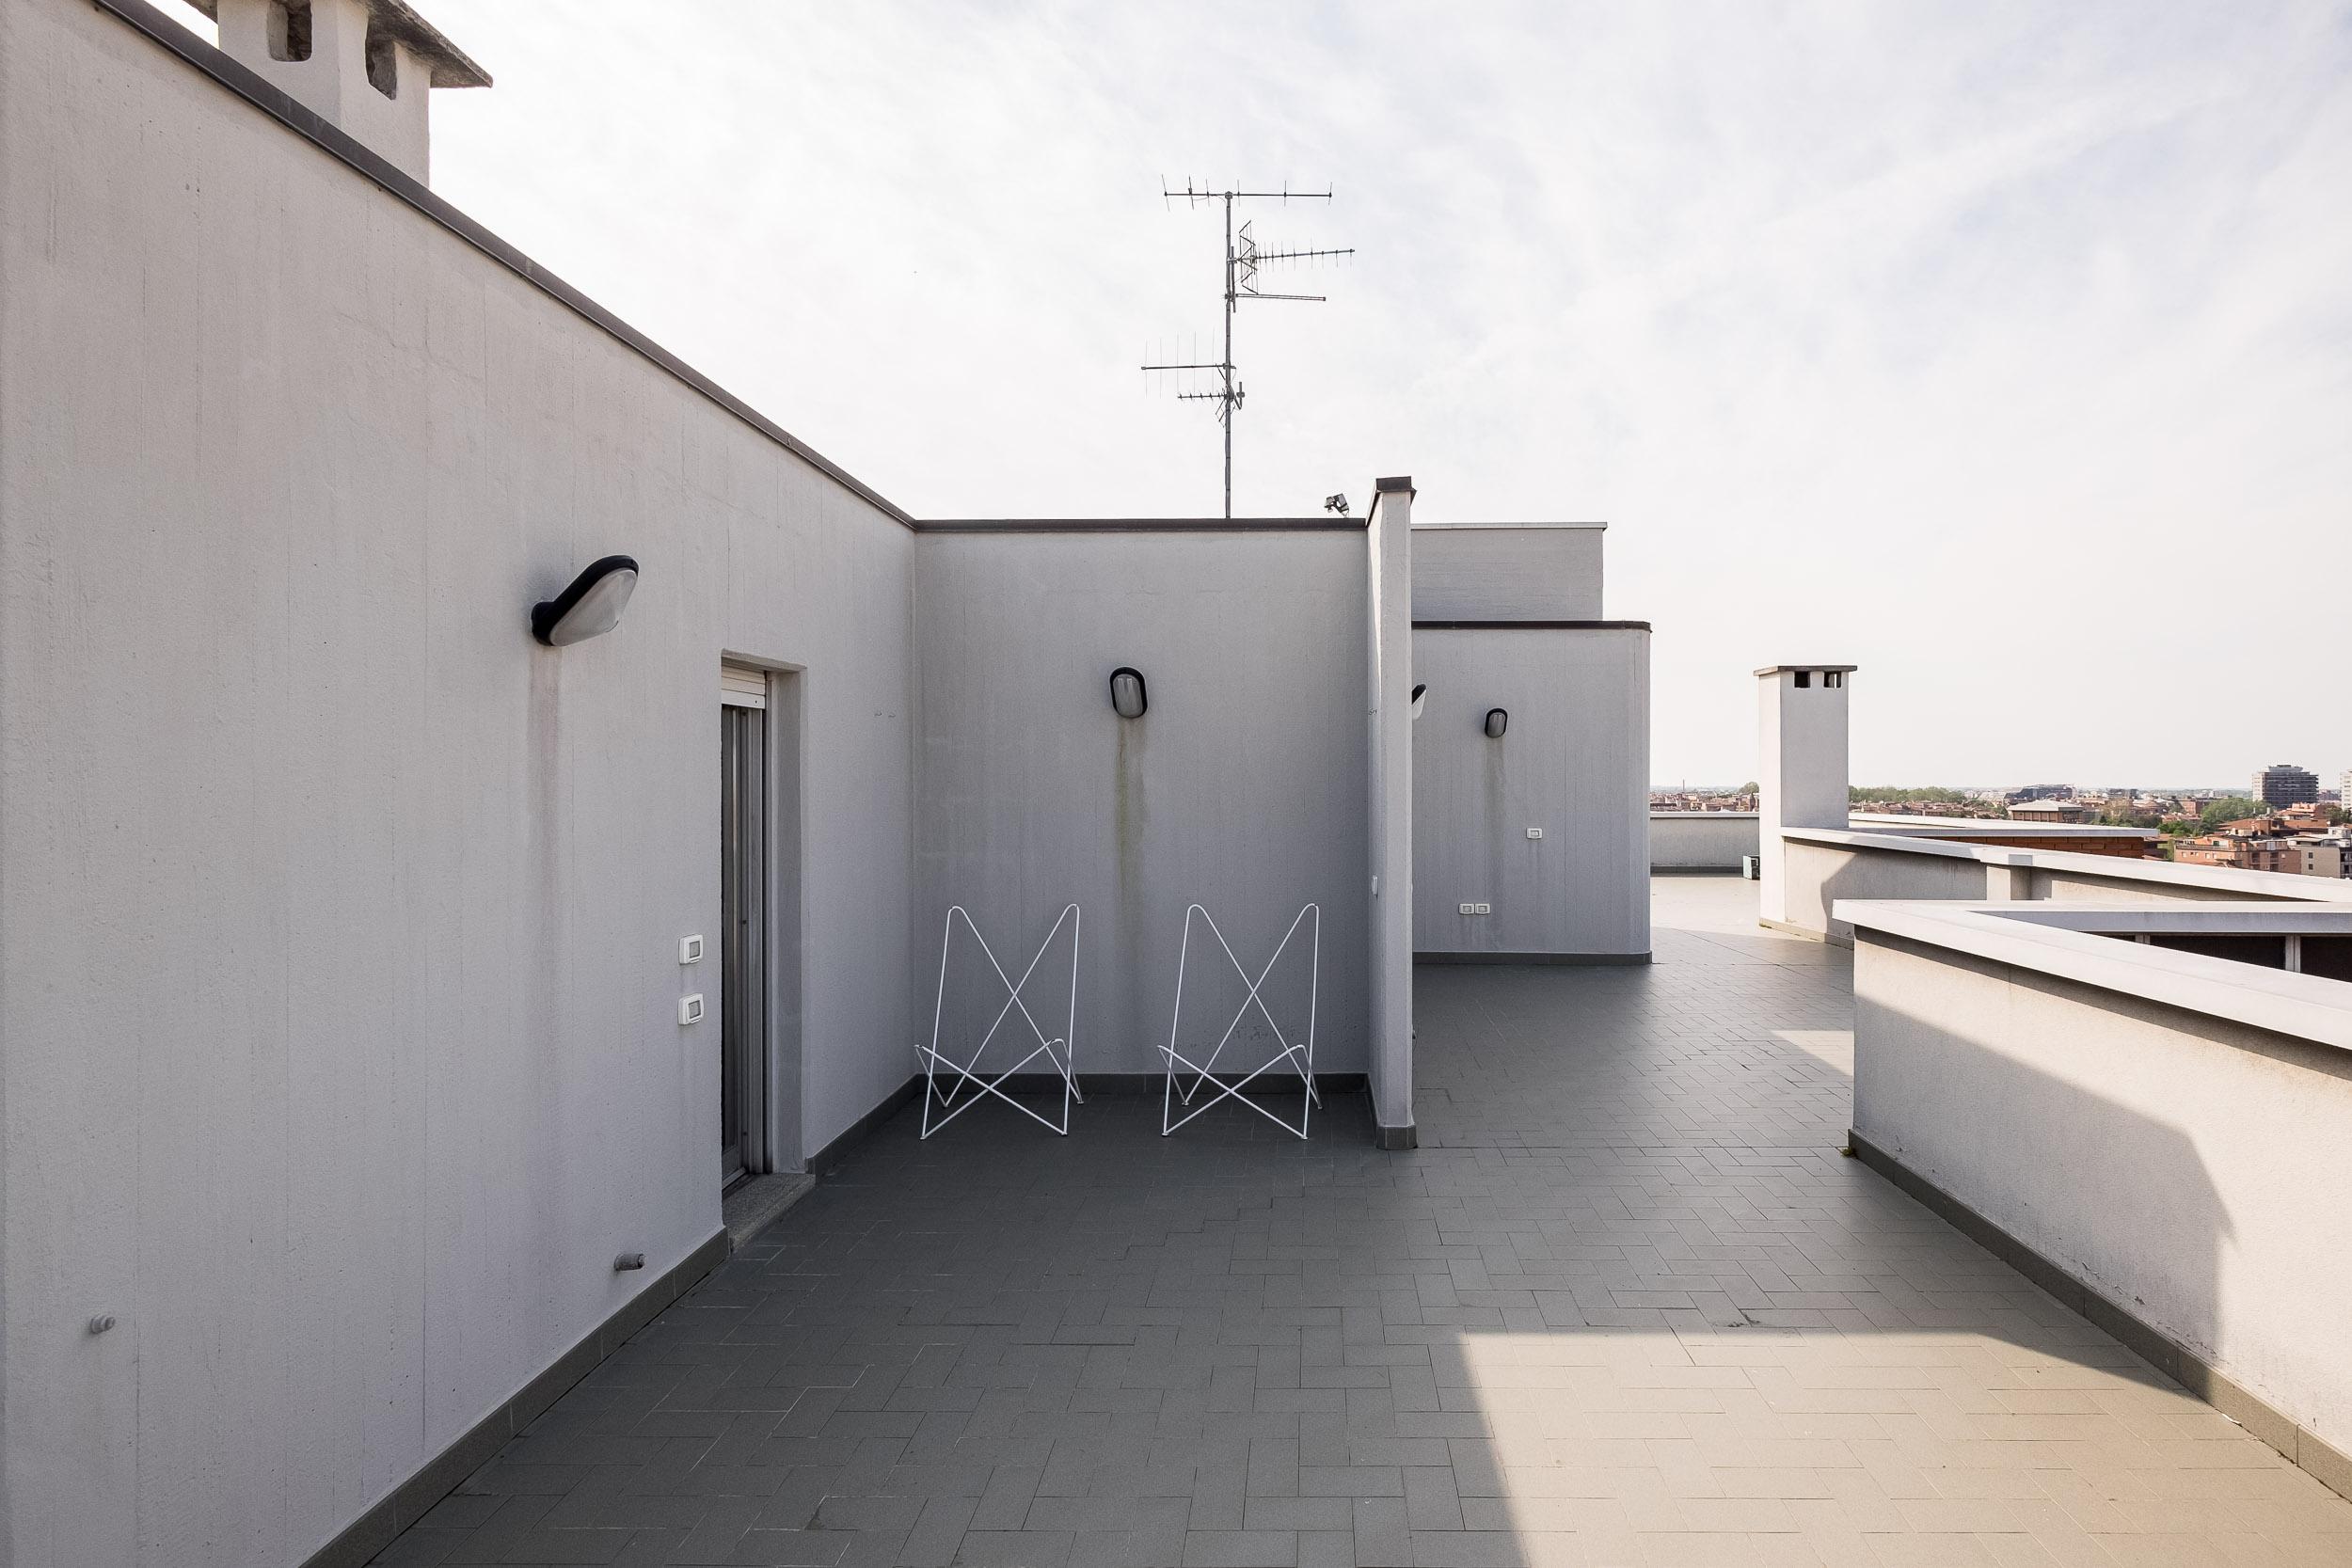 Via Zaccherini Alvisi,Bologna Est,5 Rooms Rooms,Residenziale,1221